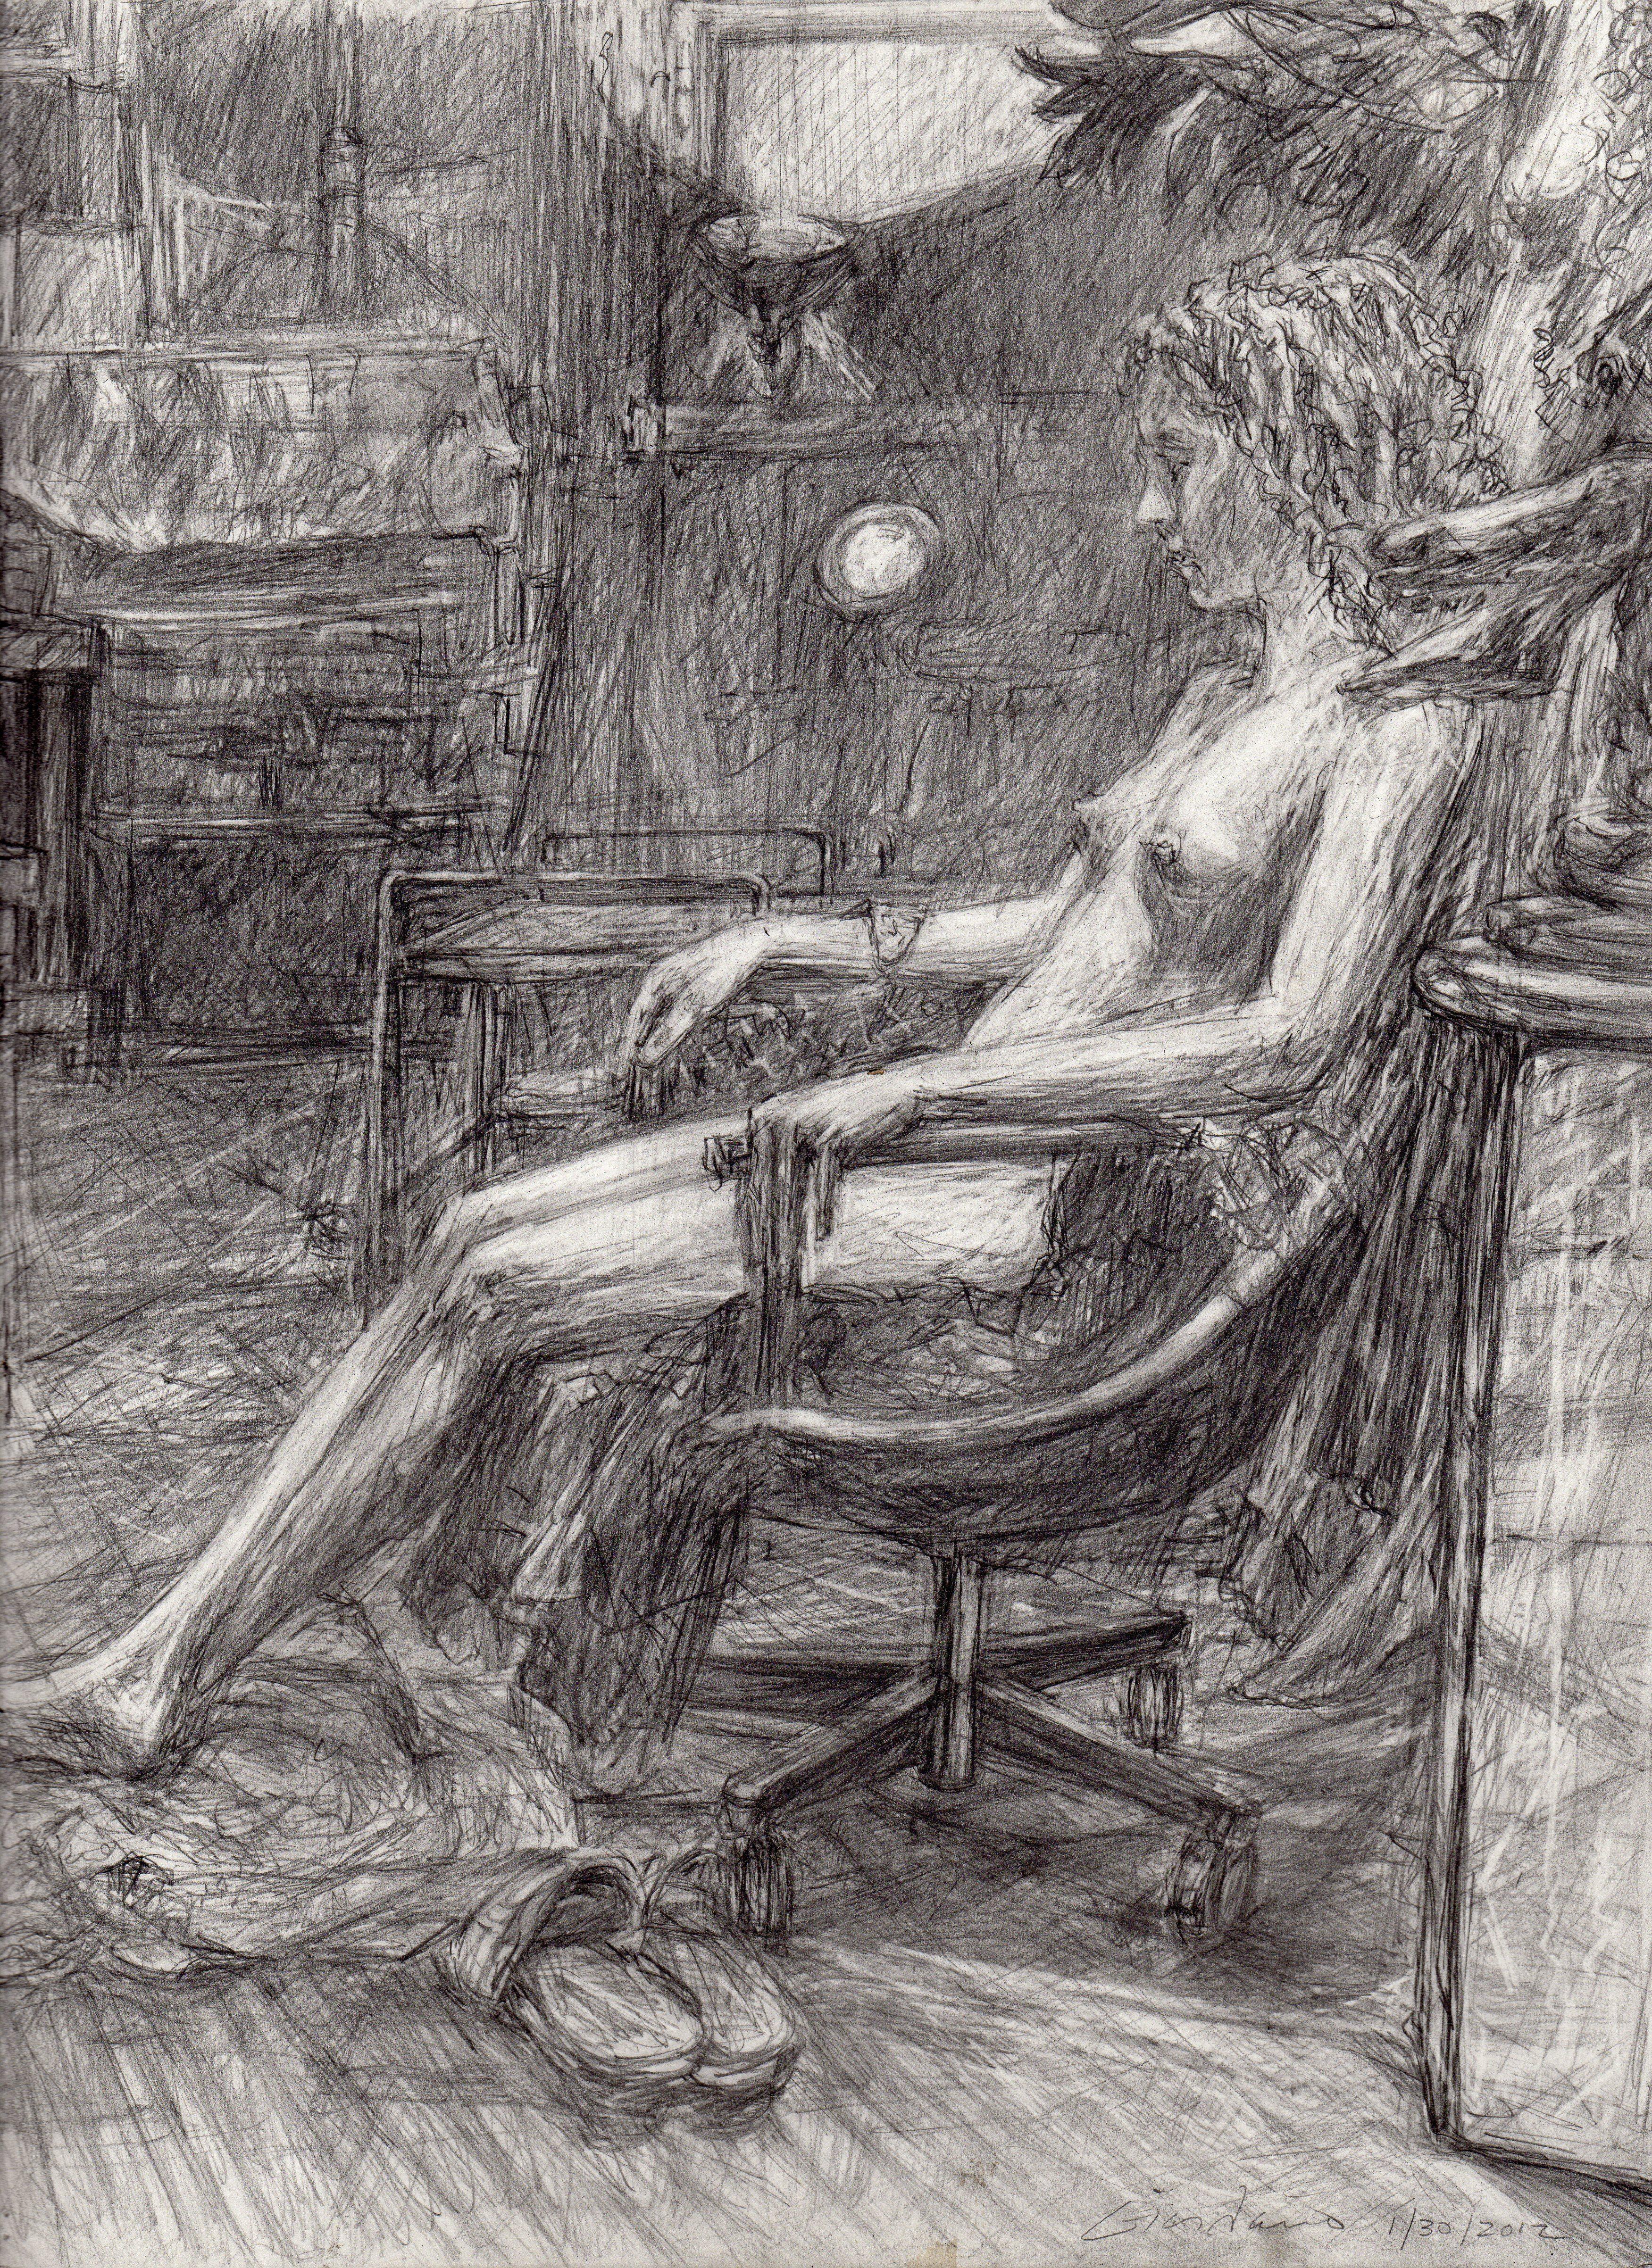 20012-01-30_NUDE WOMAN SITTING